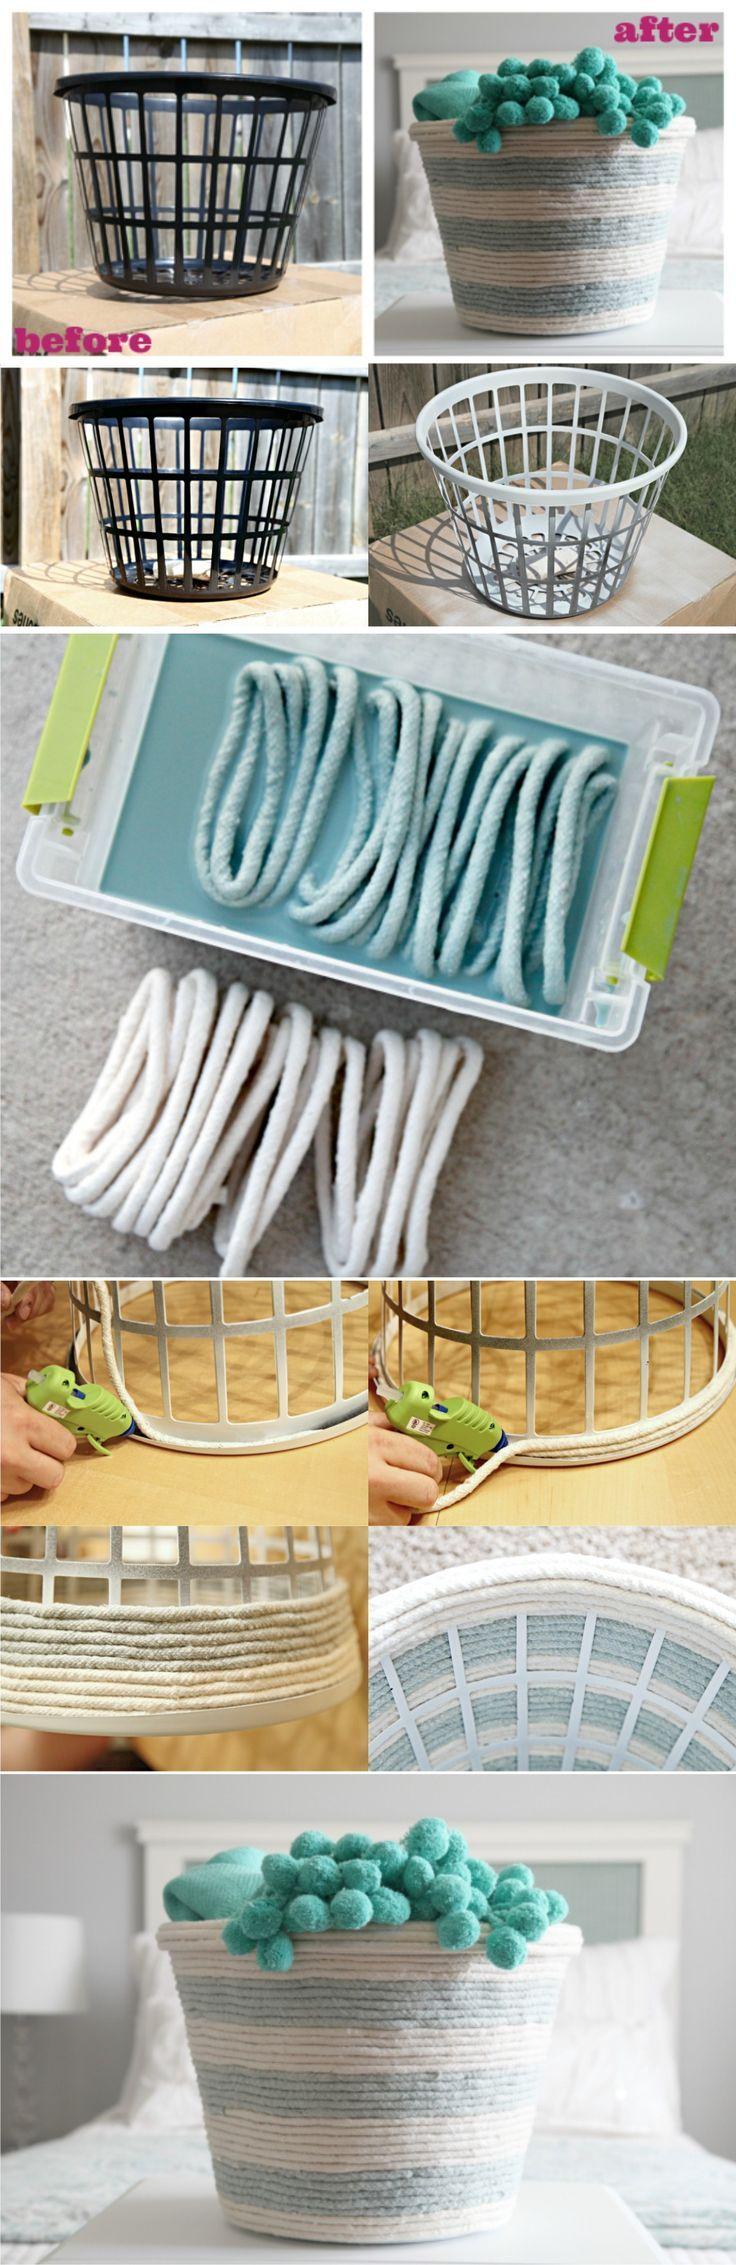 Cesta DIY con cuerda / Va iheartorganizing.blogspot.com